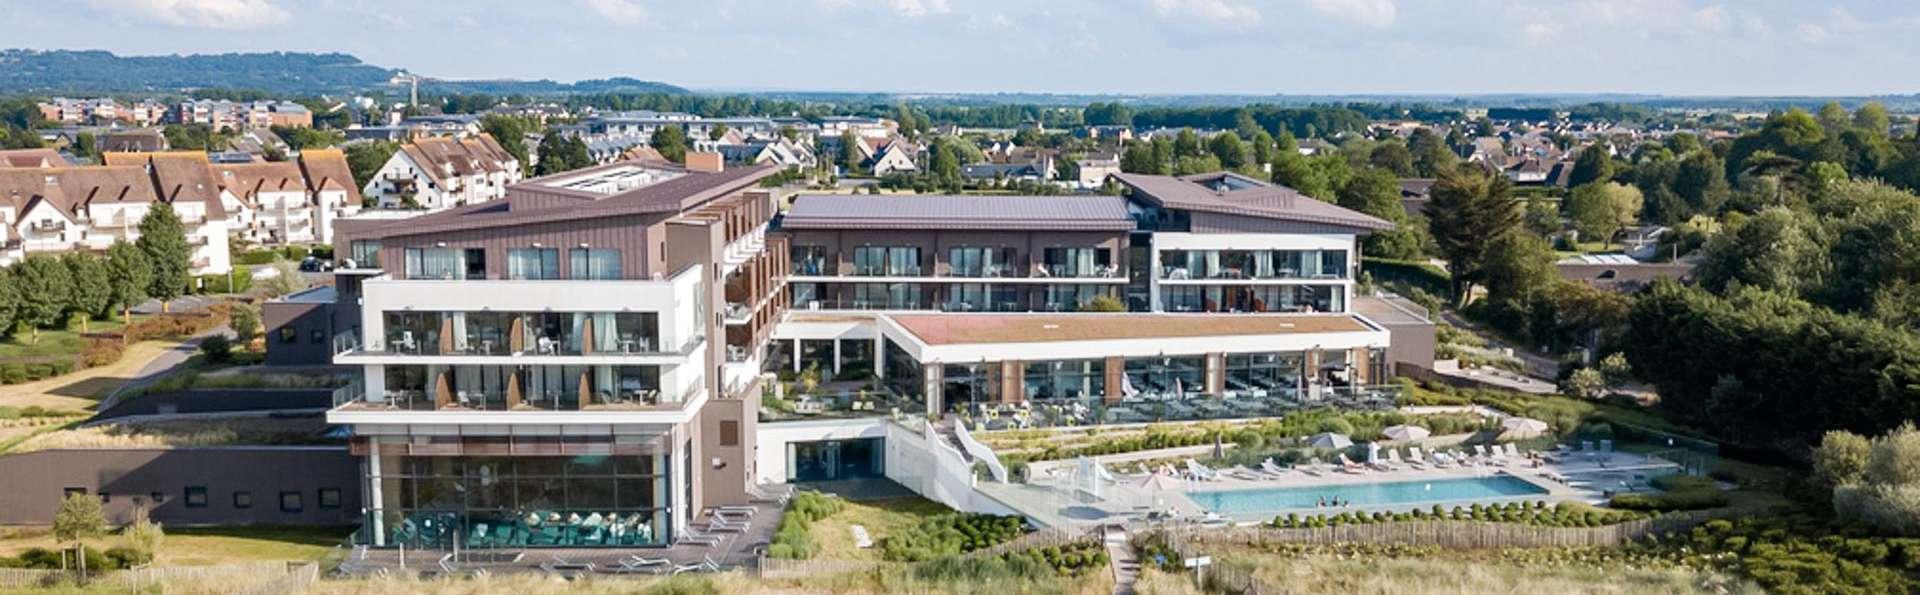 Hôtel les bains de Cabourg & Spa by Thalazur - EDIT_AERIAL_01.jpg